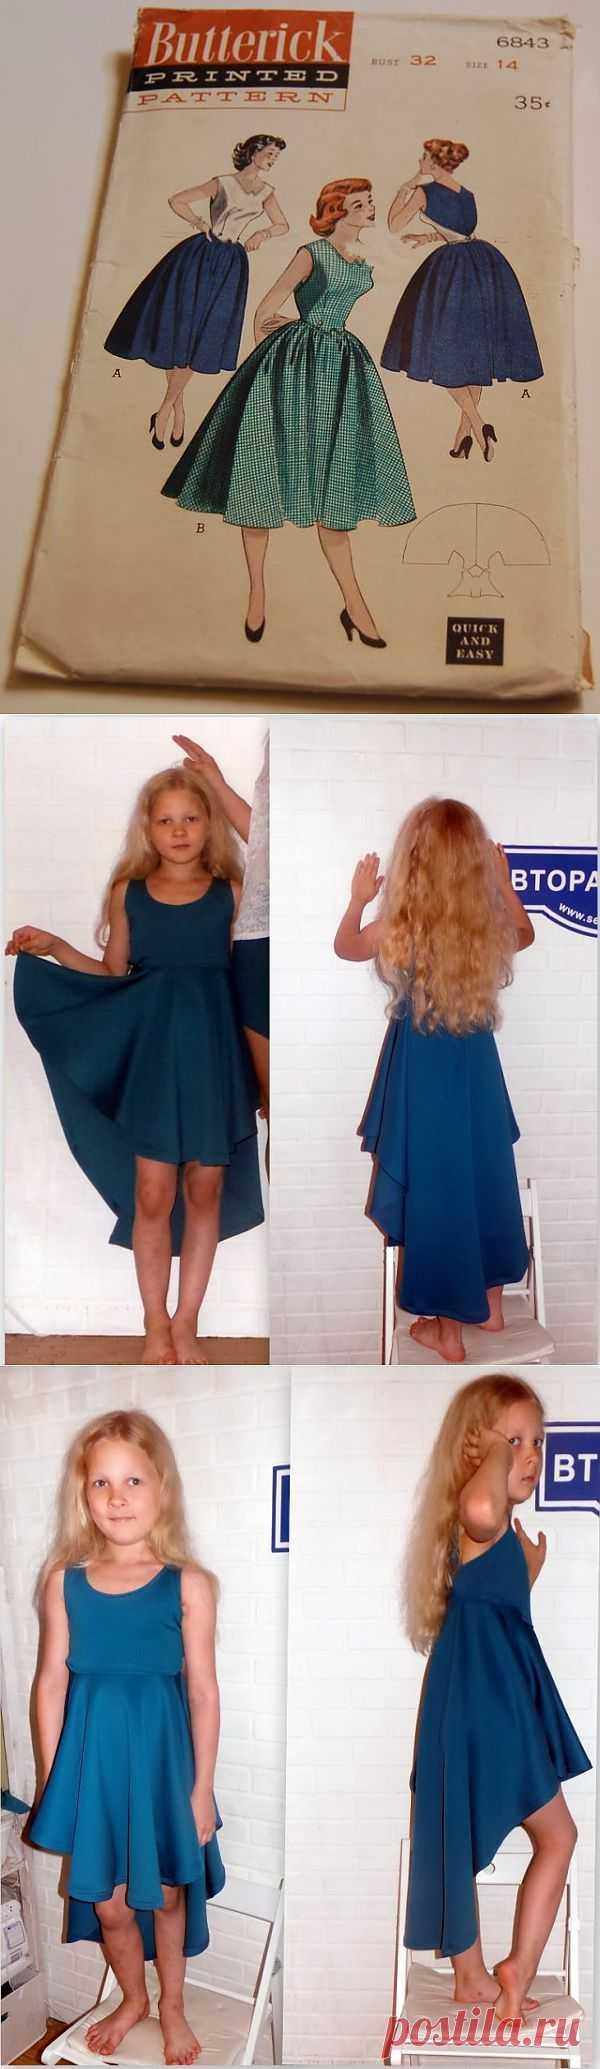 Попытка повтора ретро-выкройки (Diy) / Простые выкройки / Модный сайт о стильной переделке одежды и интерьера